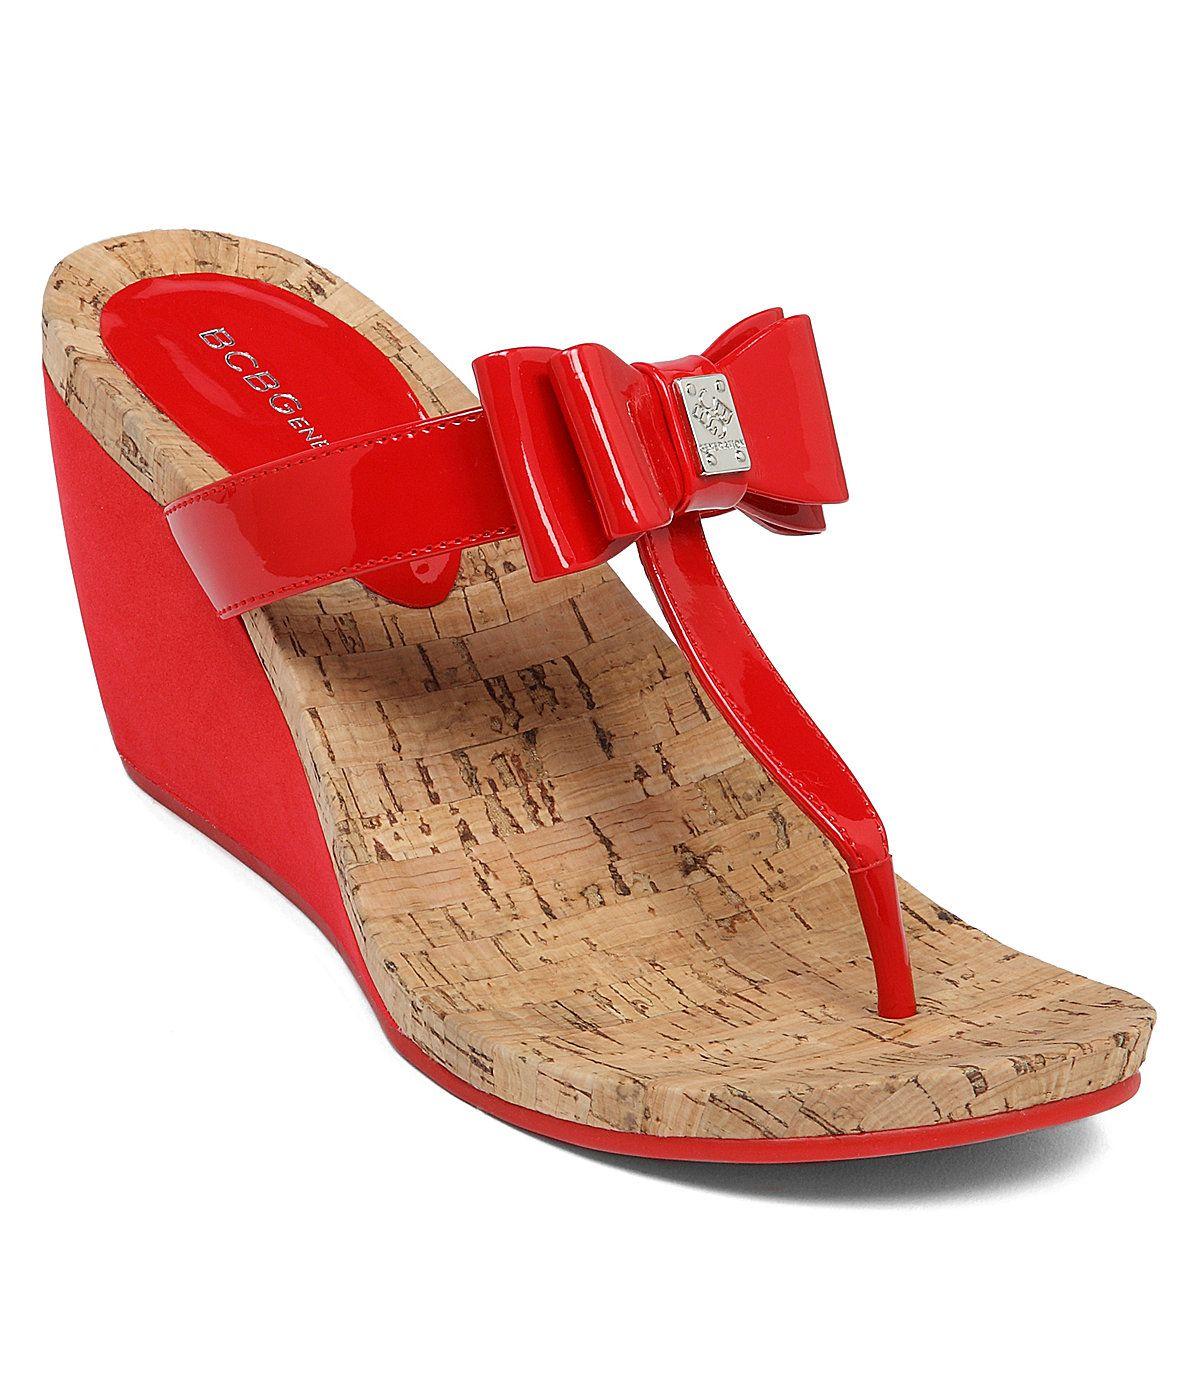 BCBGeneration Michelle Wedge Sandals | Dillards.com